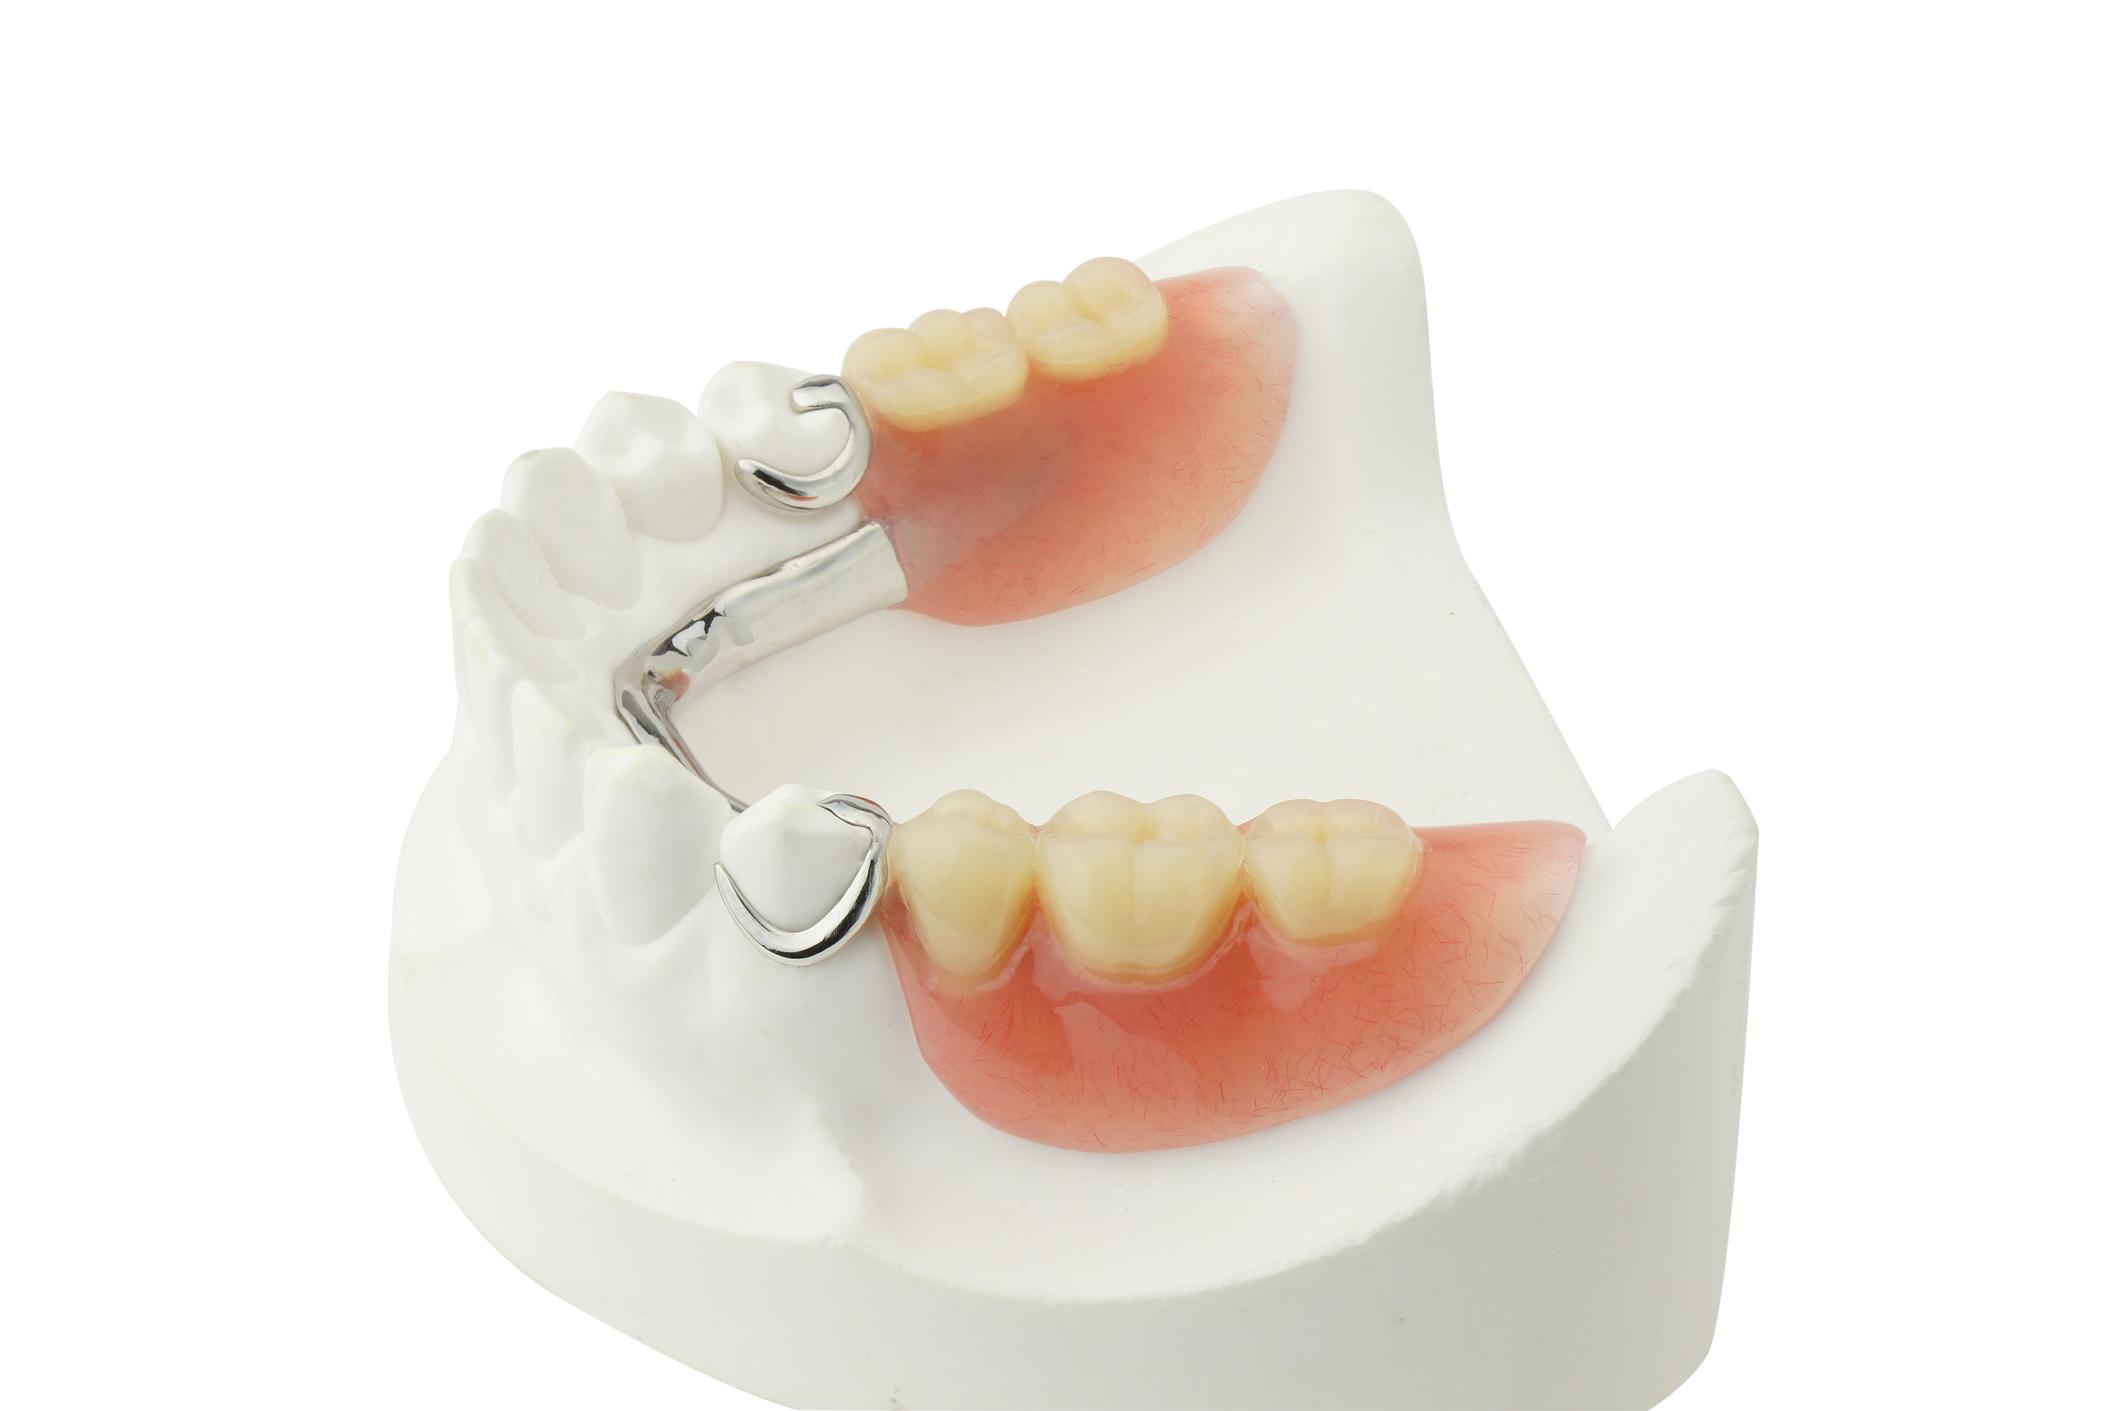 Lower Partial Denture (RPD)